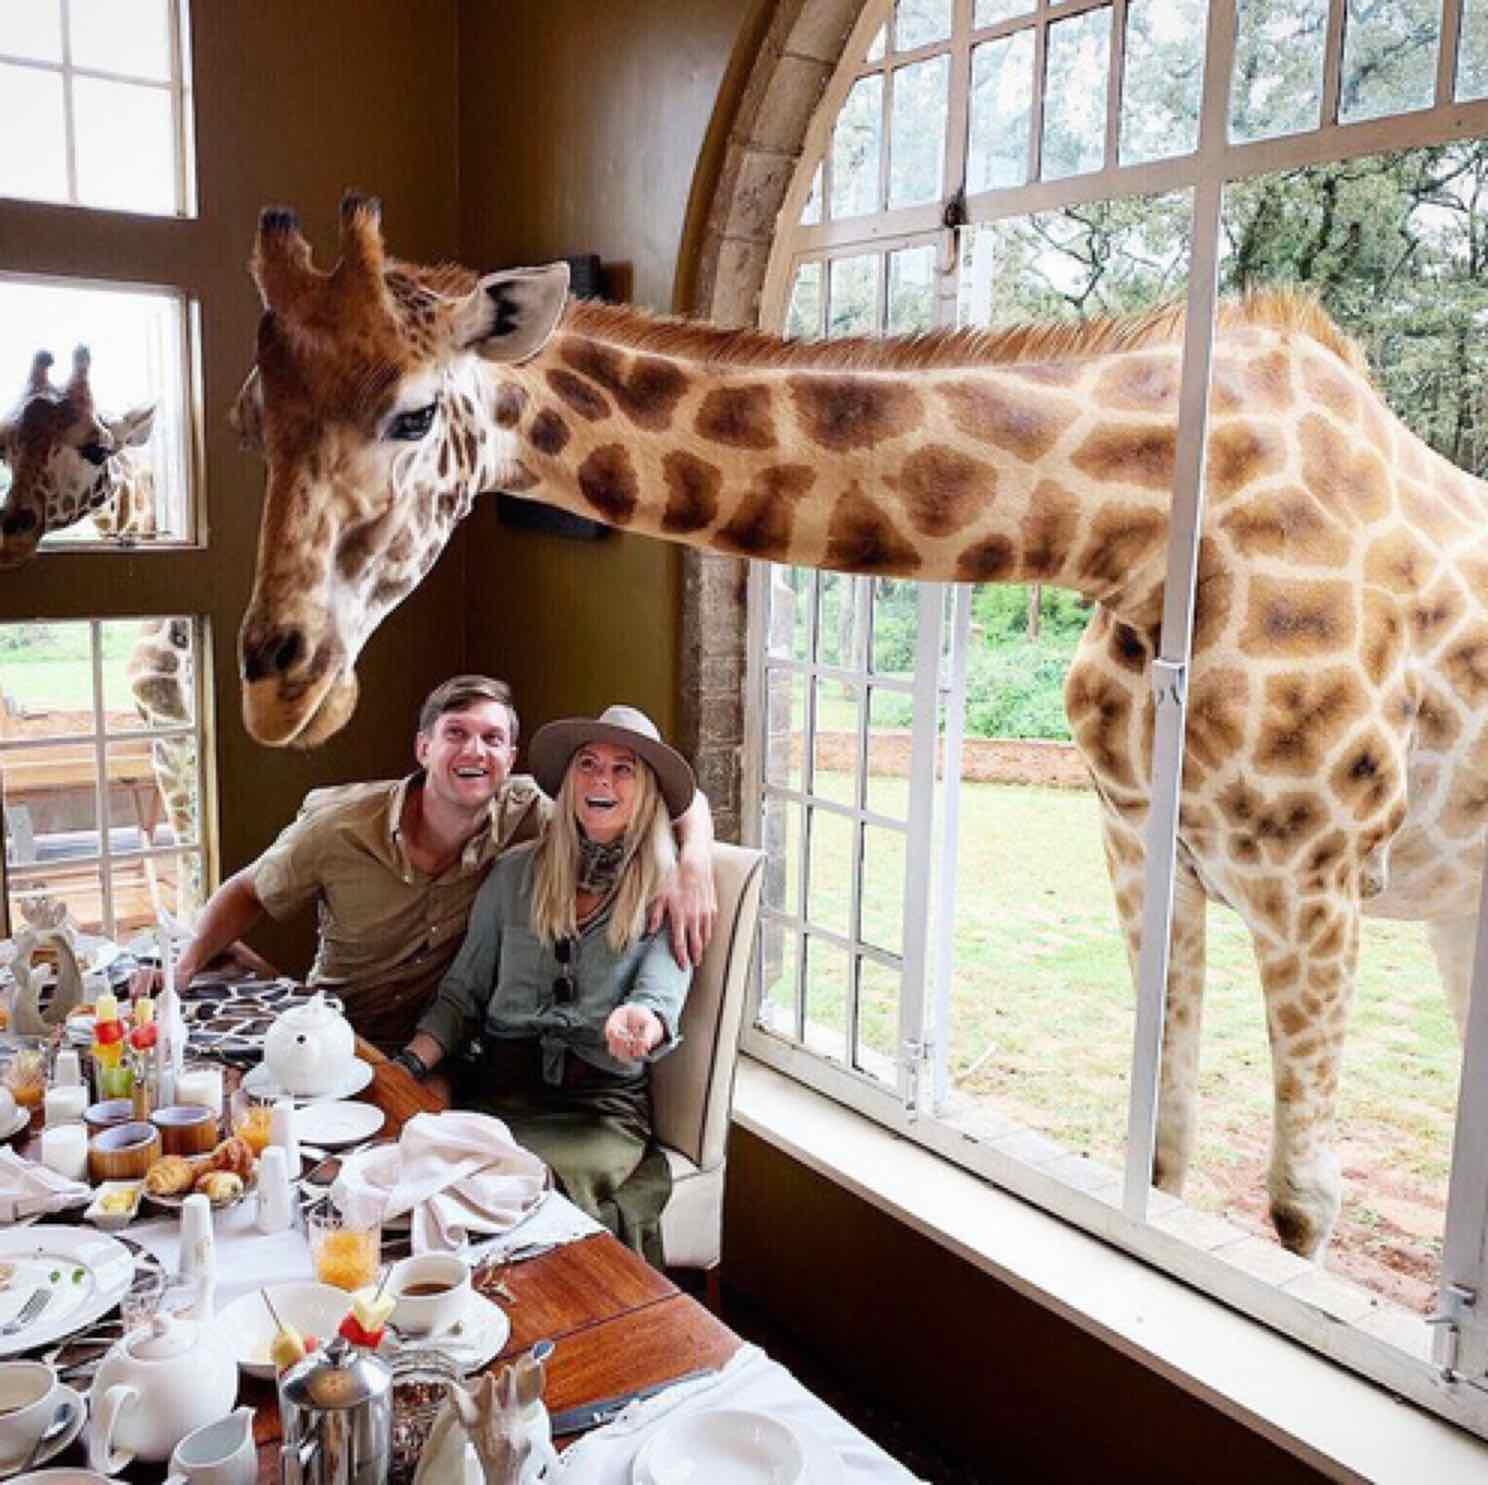 """Khách sạn nổi tiếng nhất châu Phi vì cho du khách ăn sáng cùng hươu cao cổ: Dễ thương thật, nhưng cái giá thì """"chát"""" quá!"""